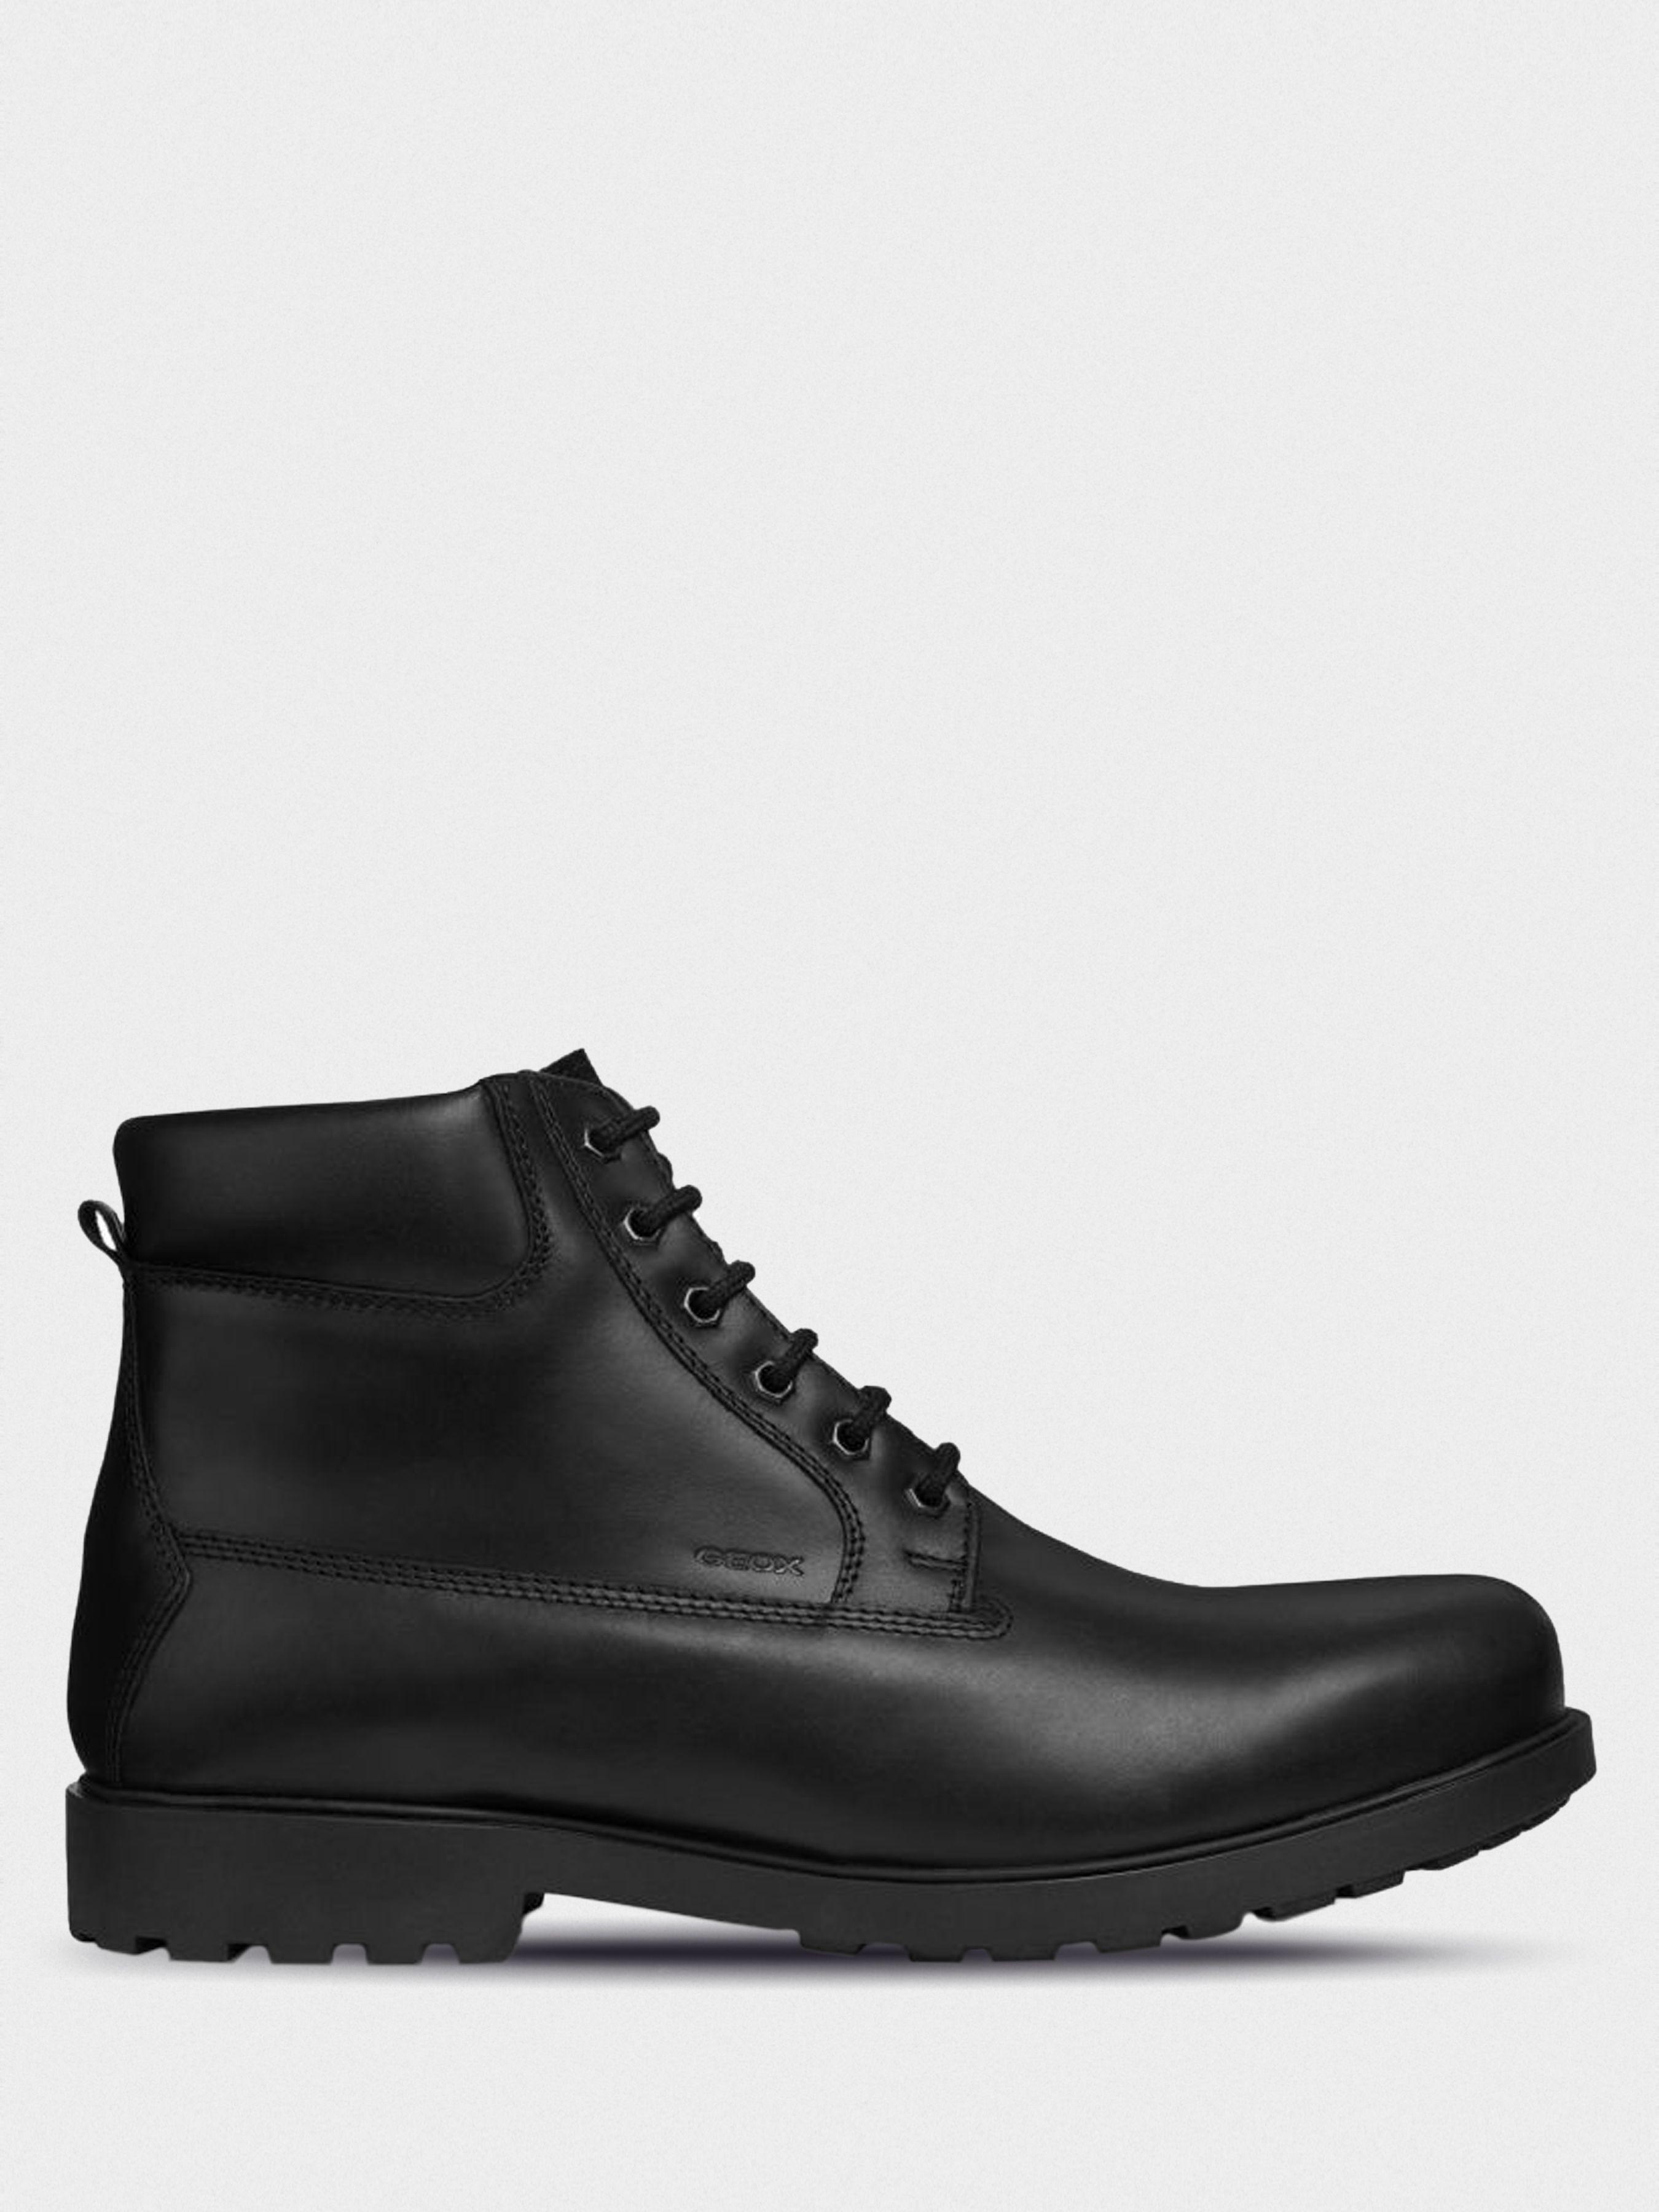 Ботинки для мужчин Geox RHADALF XM1889 модная обувь, 2017